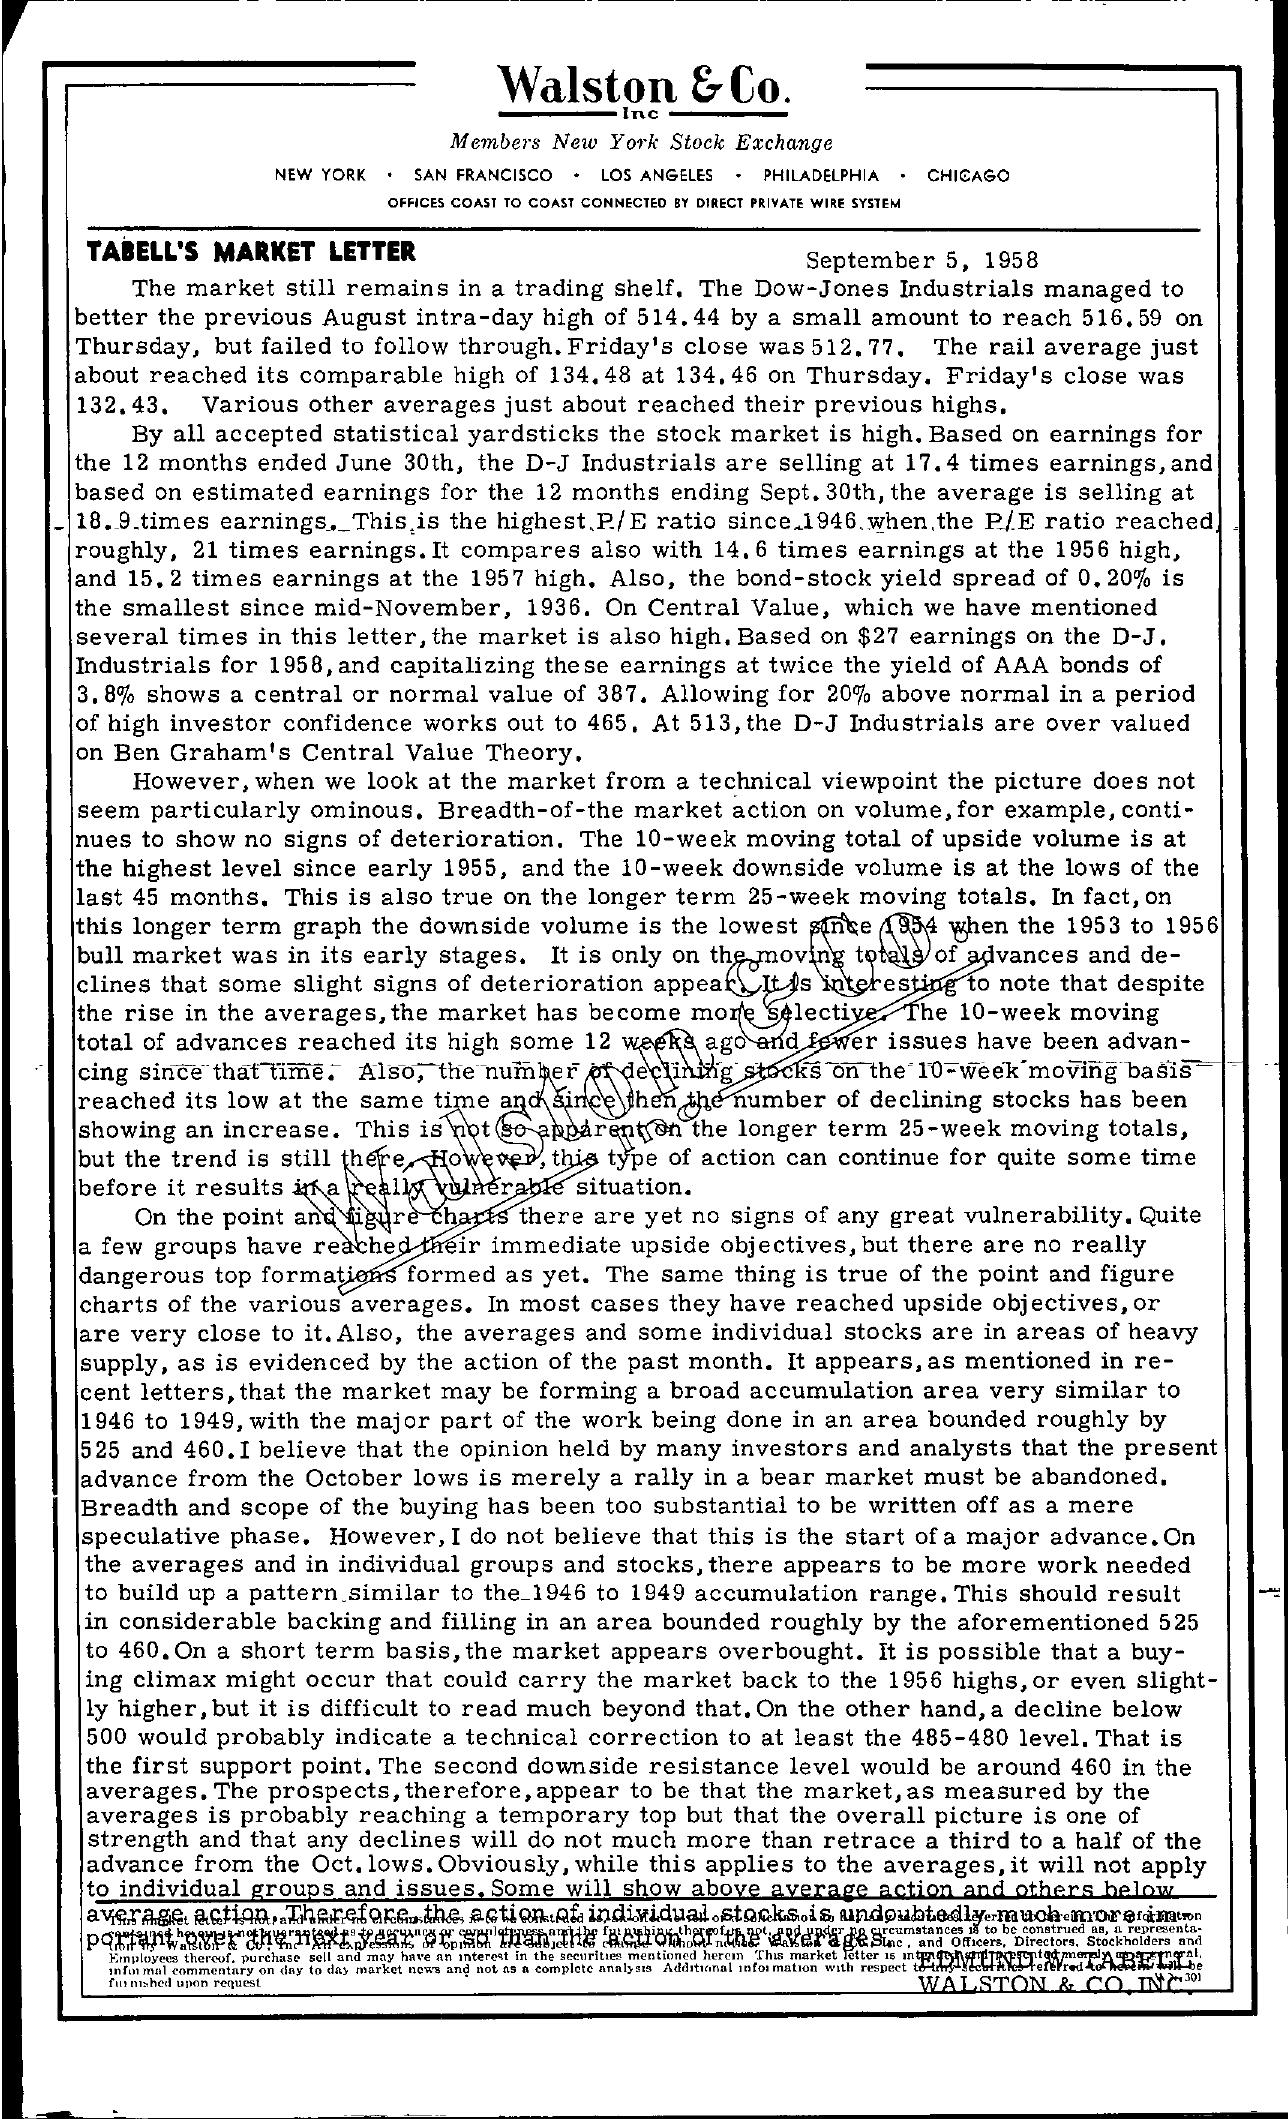 Tabell's Market Letter - September 05, 1958